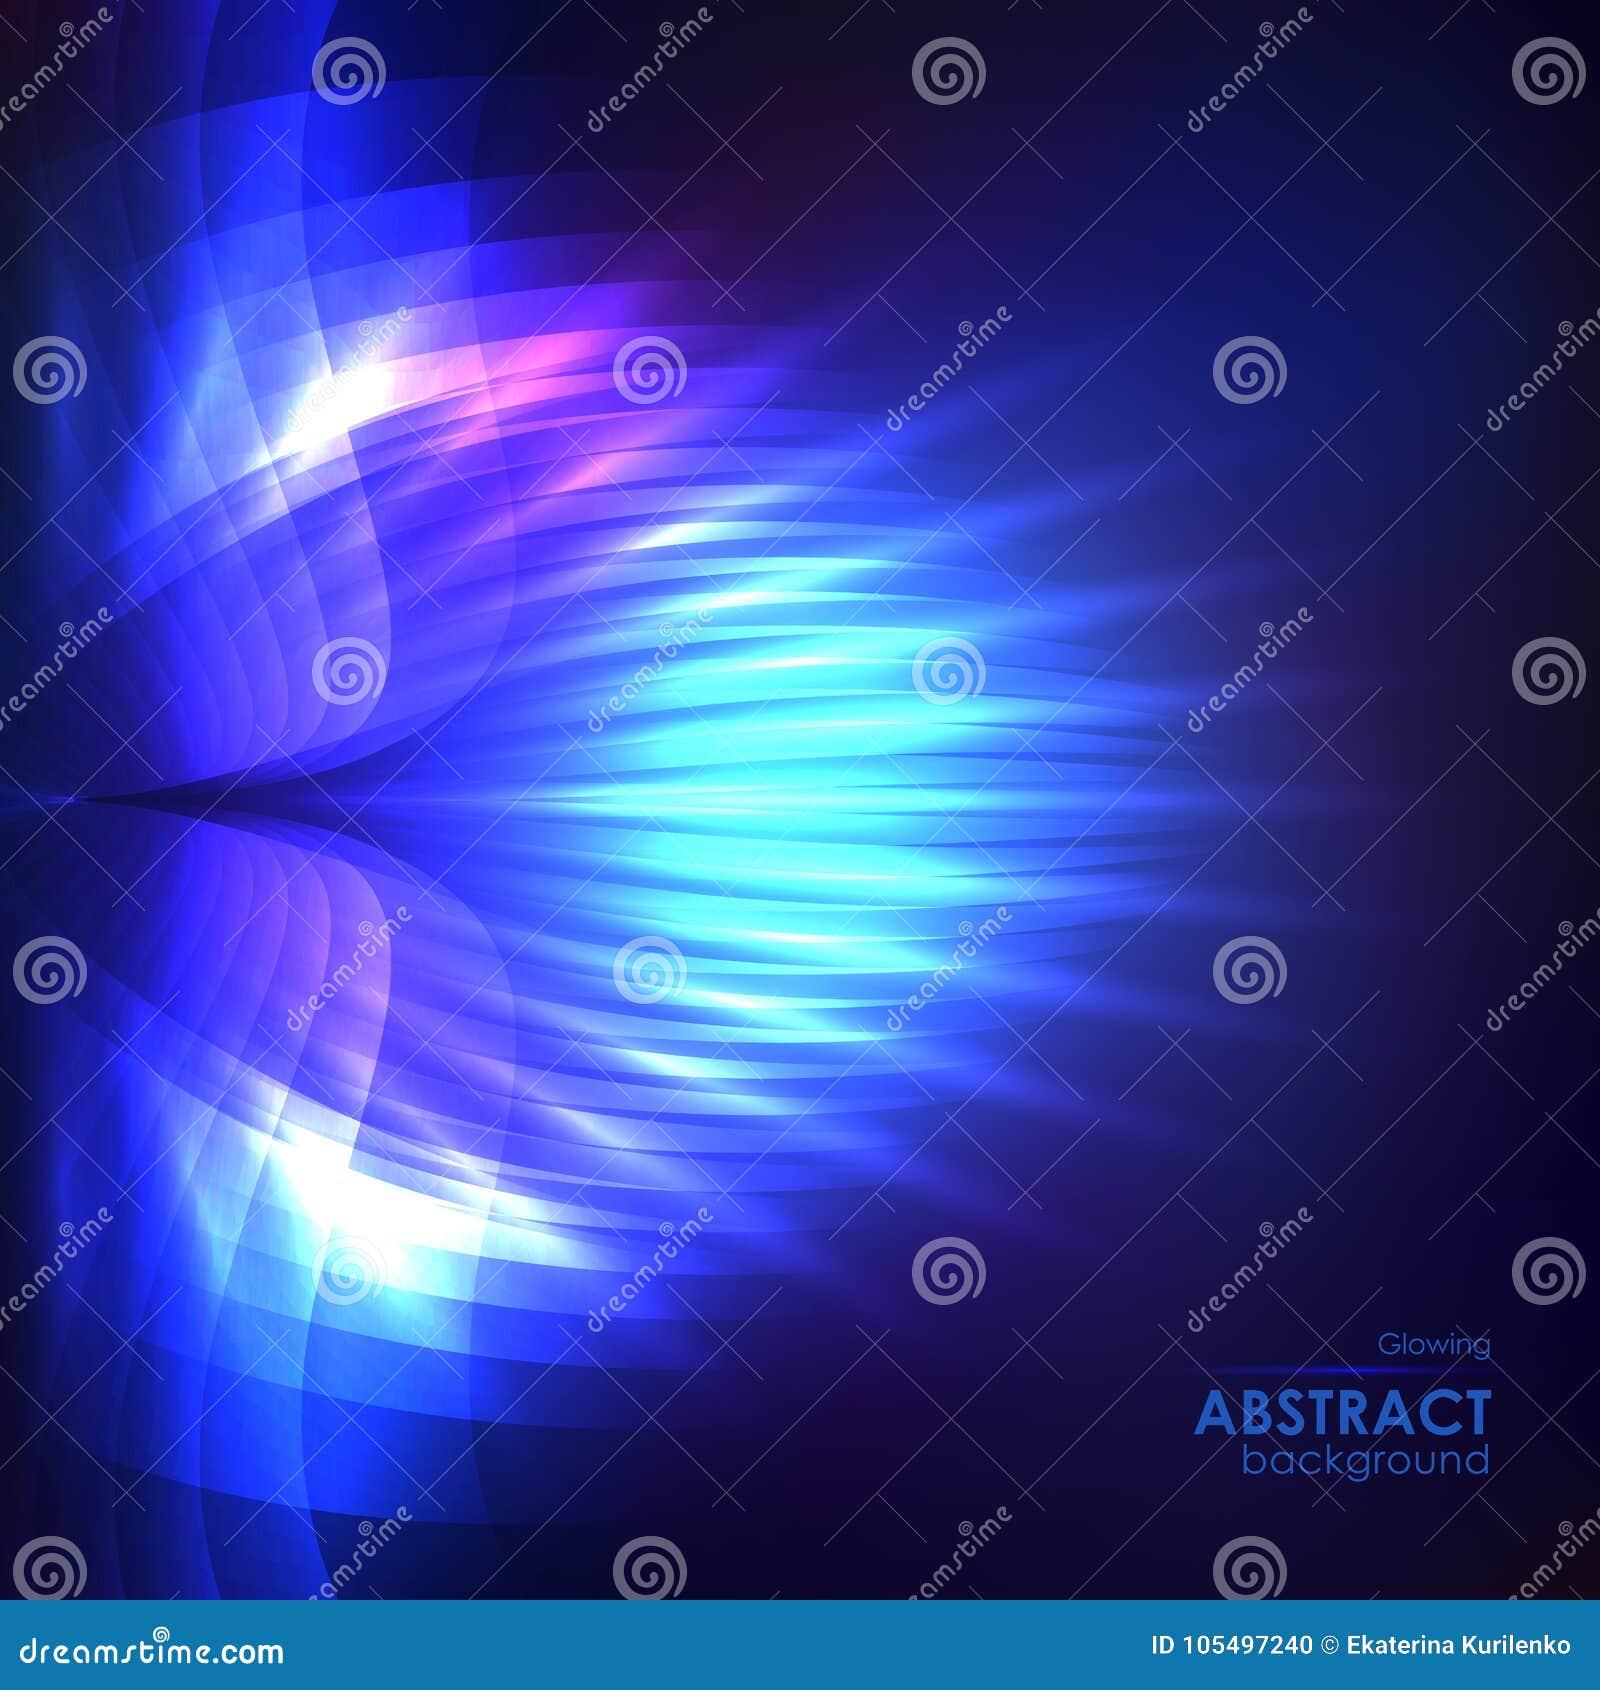 Fondo Azul Brillante Cósmico Ilustración del Vector - Ilustración de ...